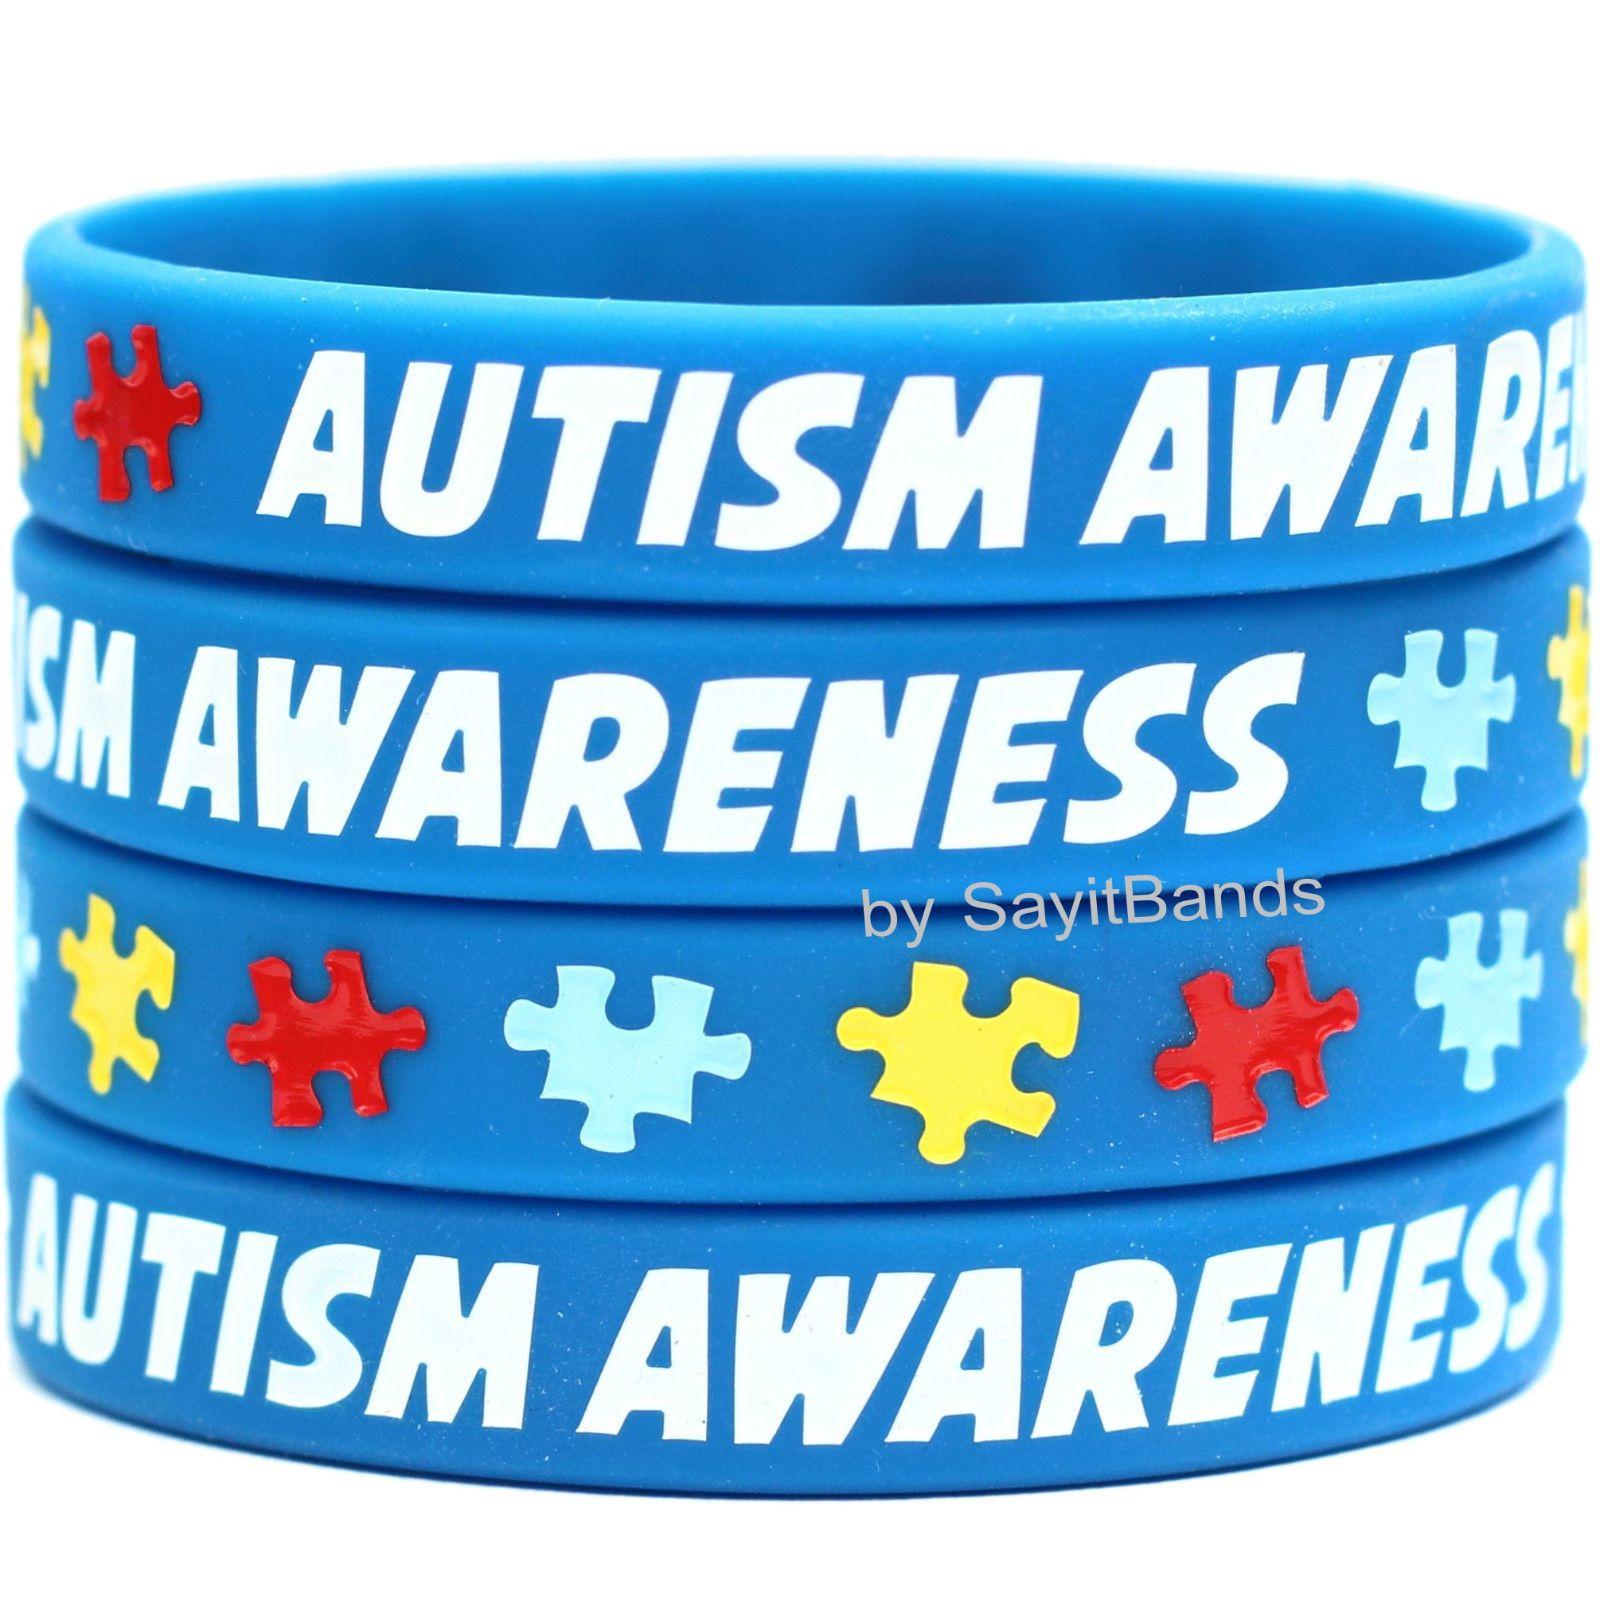 51c0d55f9979 Asd bracelets   Fundraiser April 28th   Autism bracelets, Autism ...